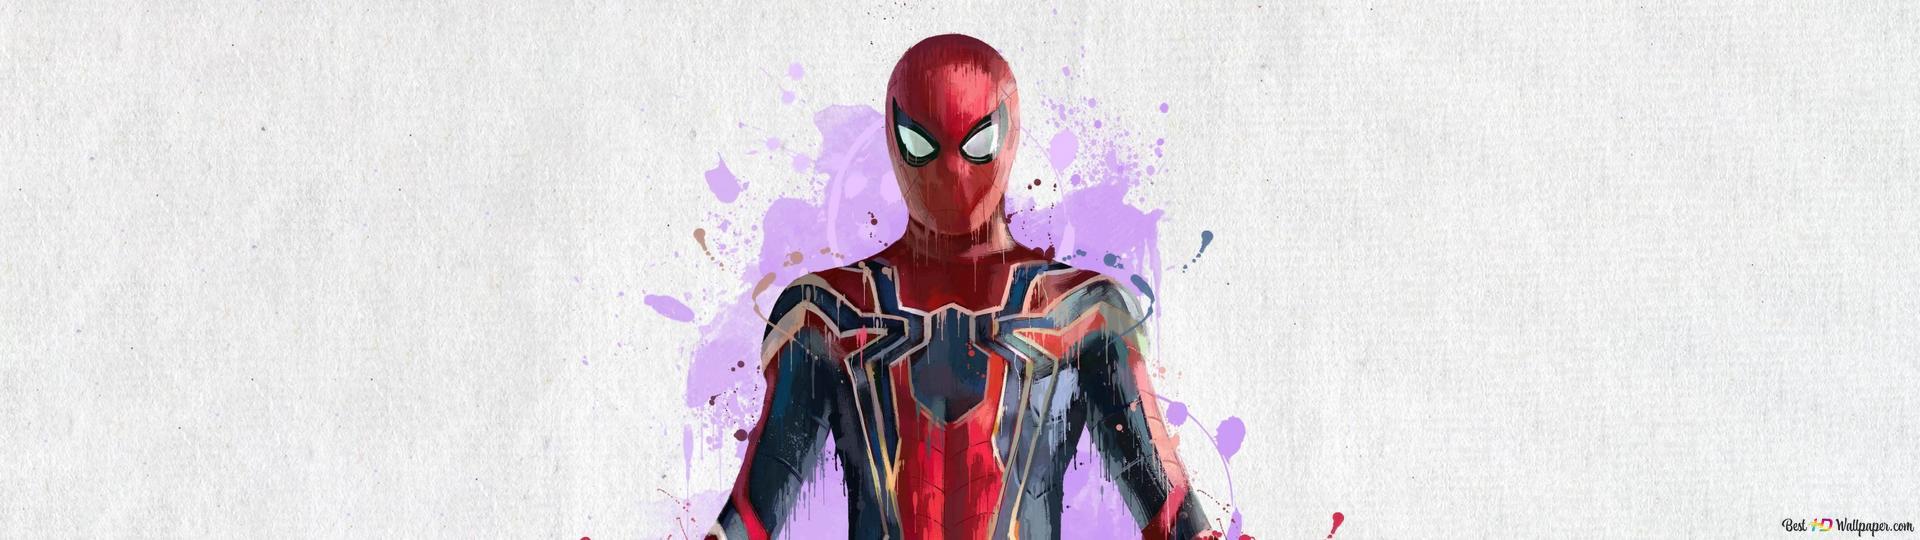 Yenilmezler Sonsuz Savaş örümcek Adam Boyama Hd Duvar Kağıdı Indir